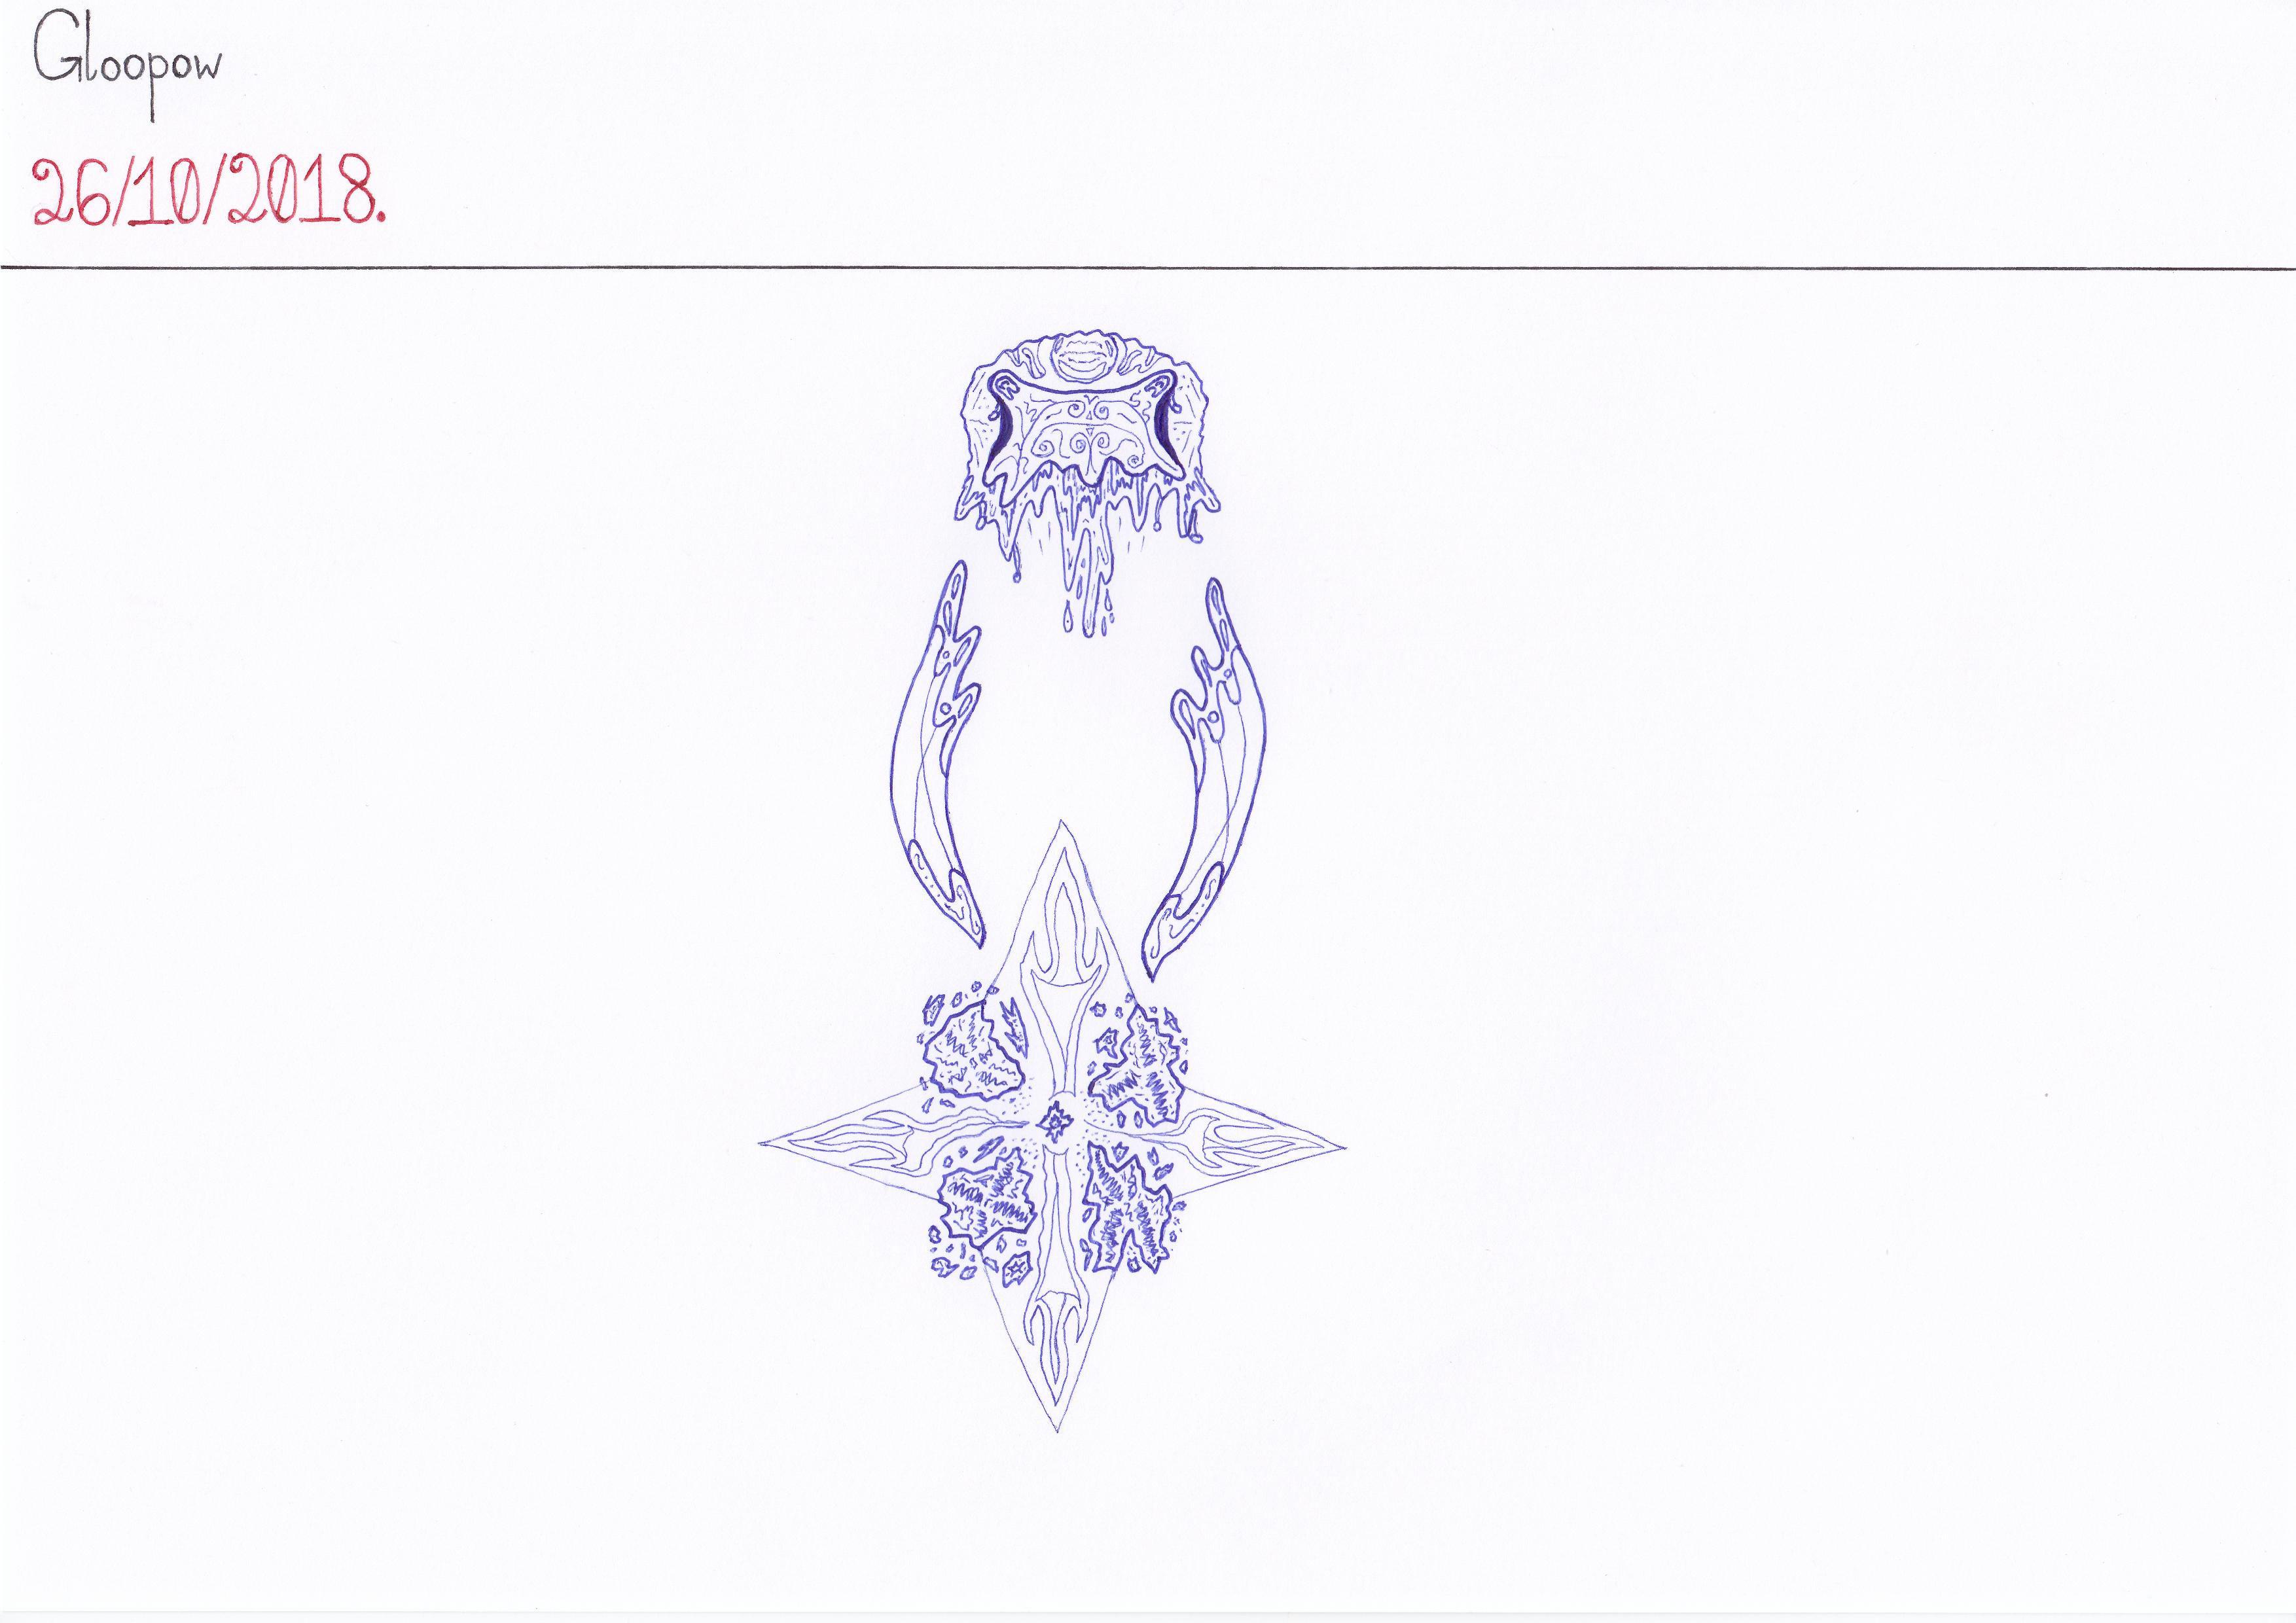 Art #92 -- Gloopow